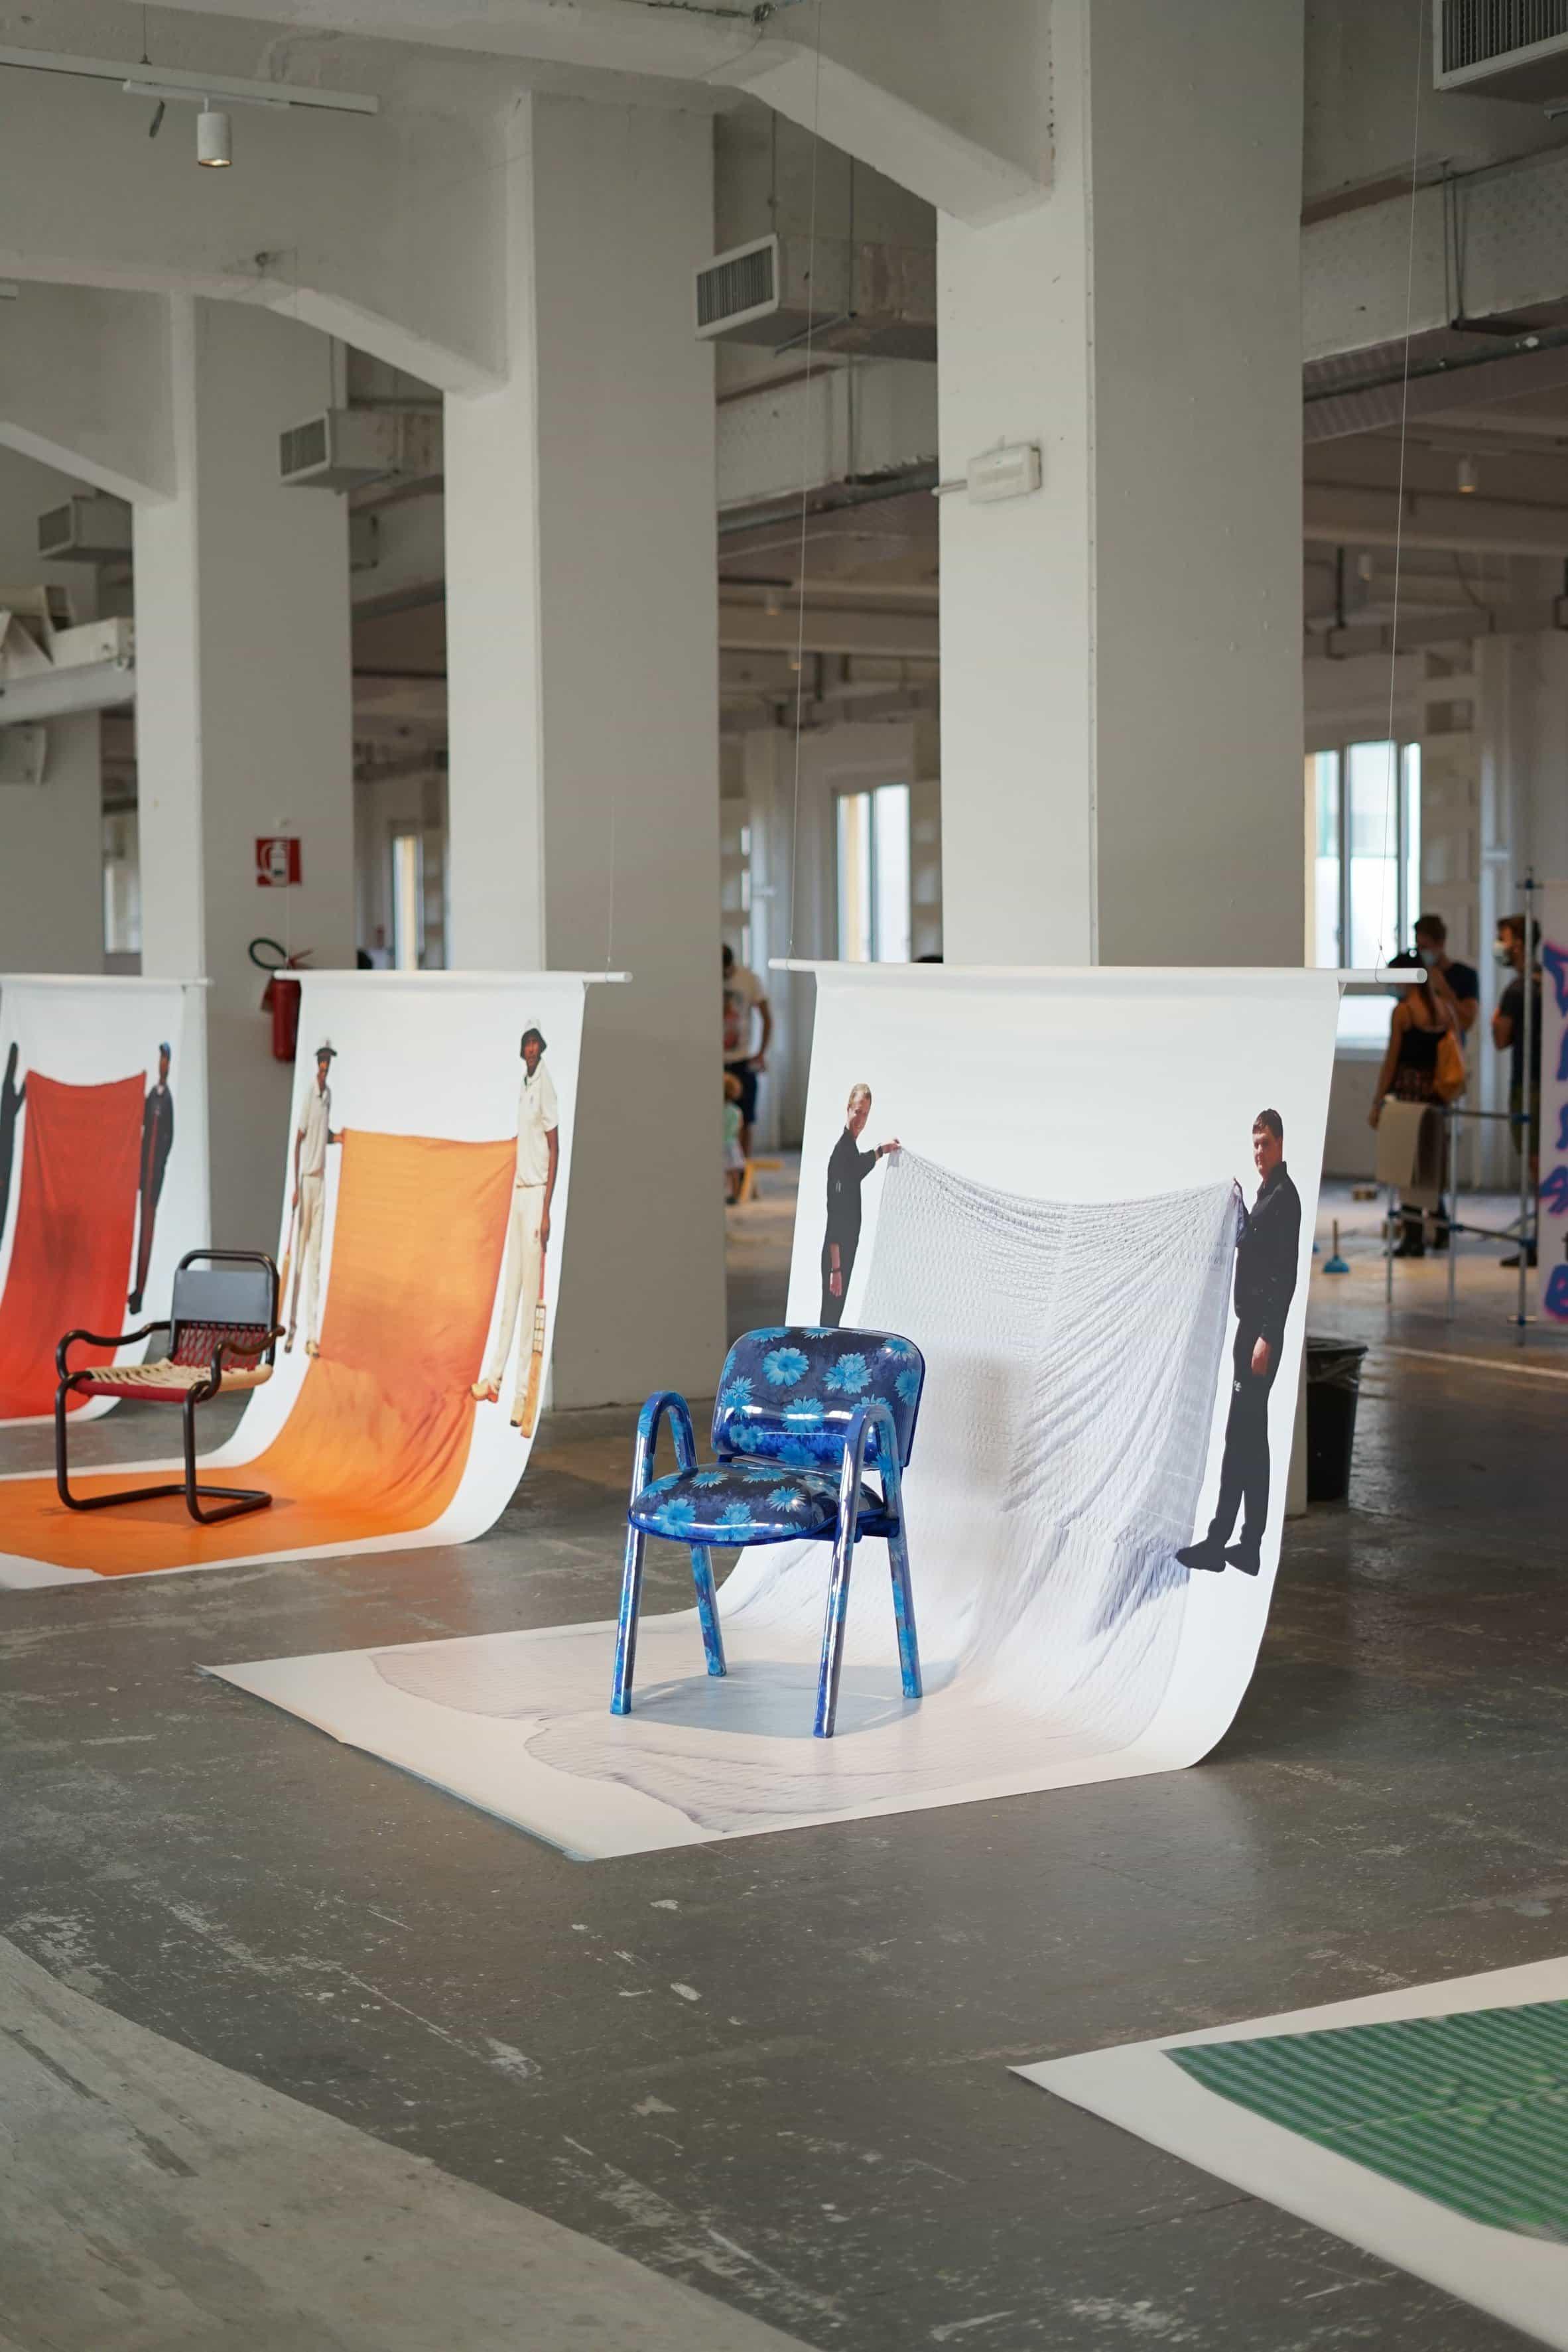 Exposición de cátedras interculturales de Matteo Guarnaccia en la semana del diseño de Milán